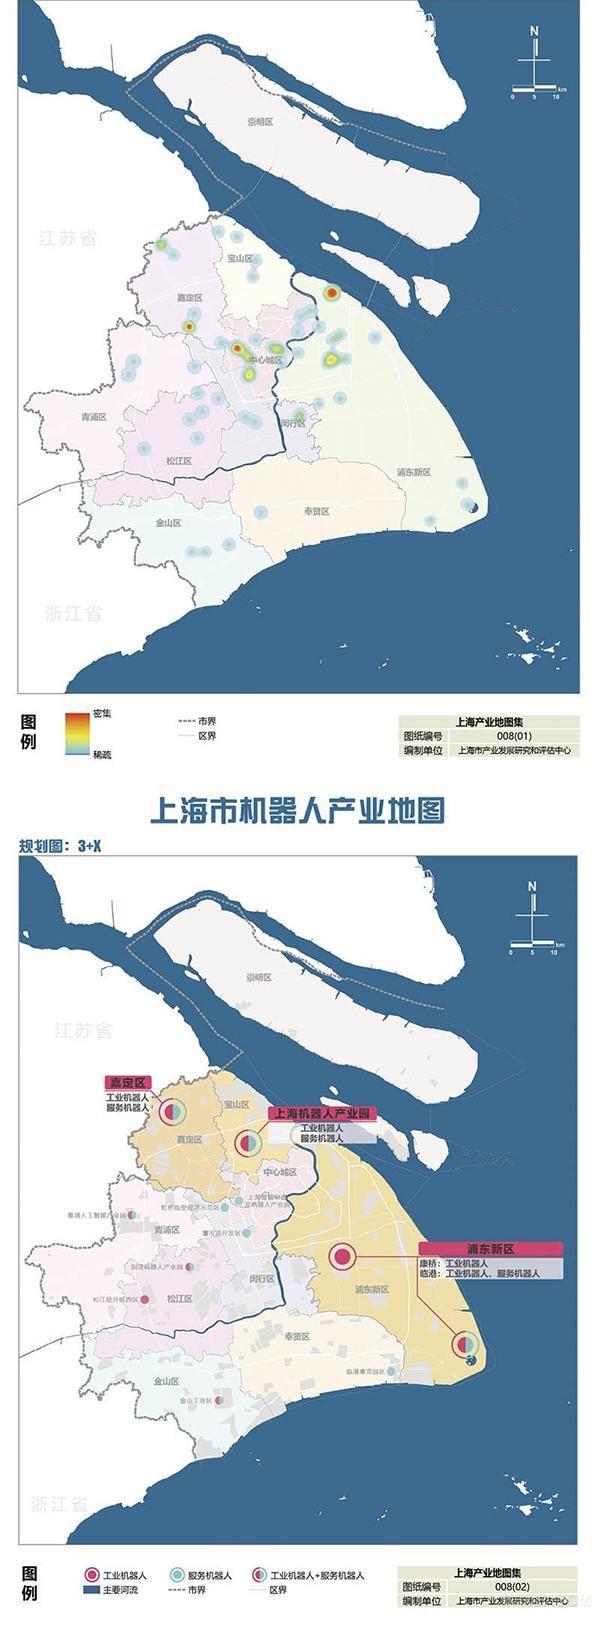 进博会,产业推介会,上海市产业地图